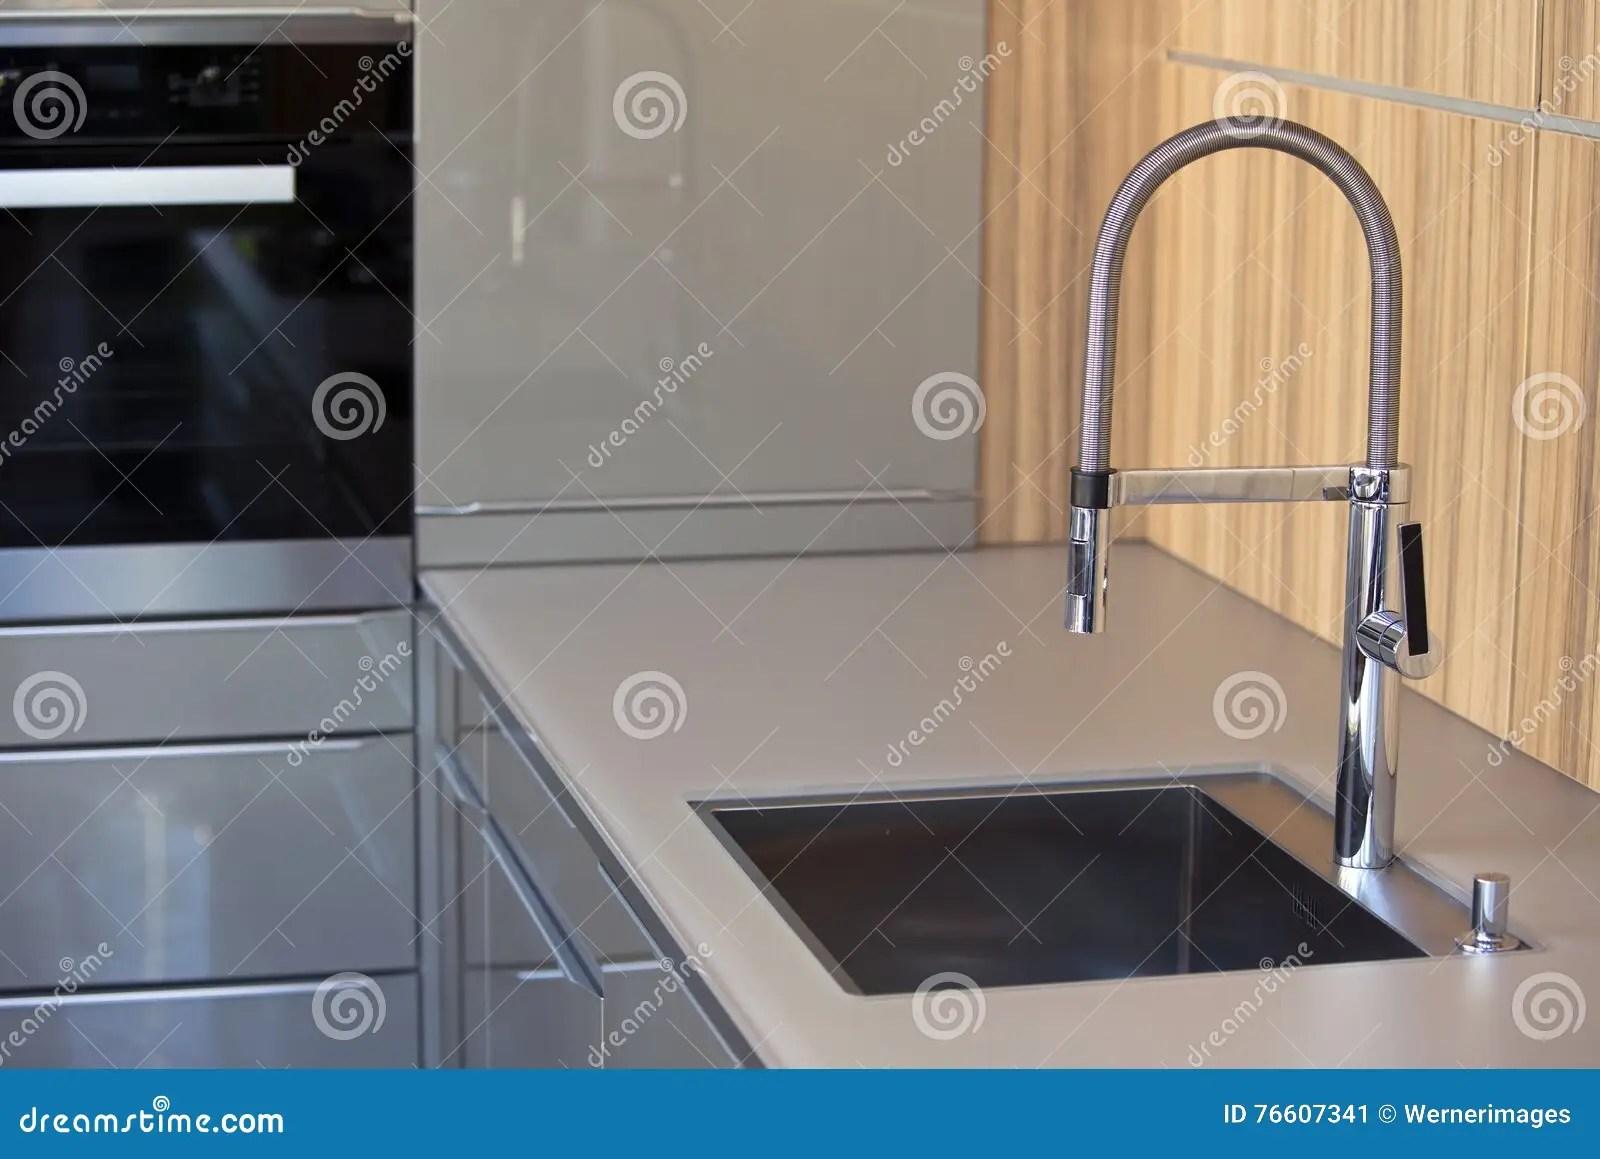 gray kitchen sink where to buy a island 有不锈钢水槽的时髦的灰色厨房库存图片 图片包括有烤箱 家庭 不锈 有不锈钢水槽的时髦的灰色厨房